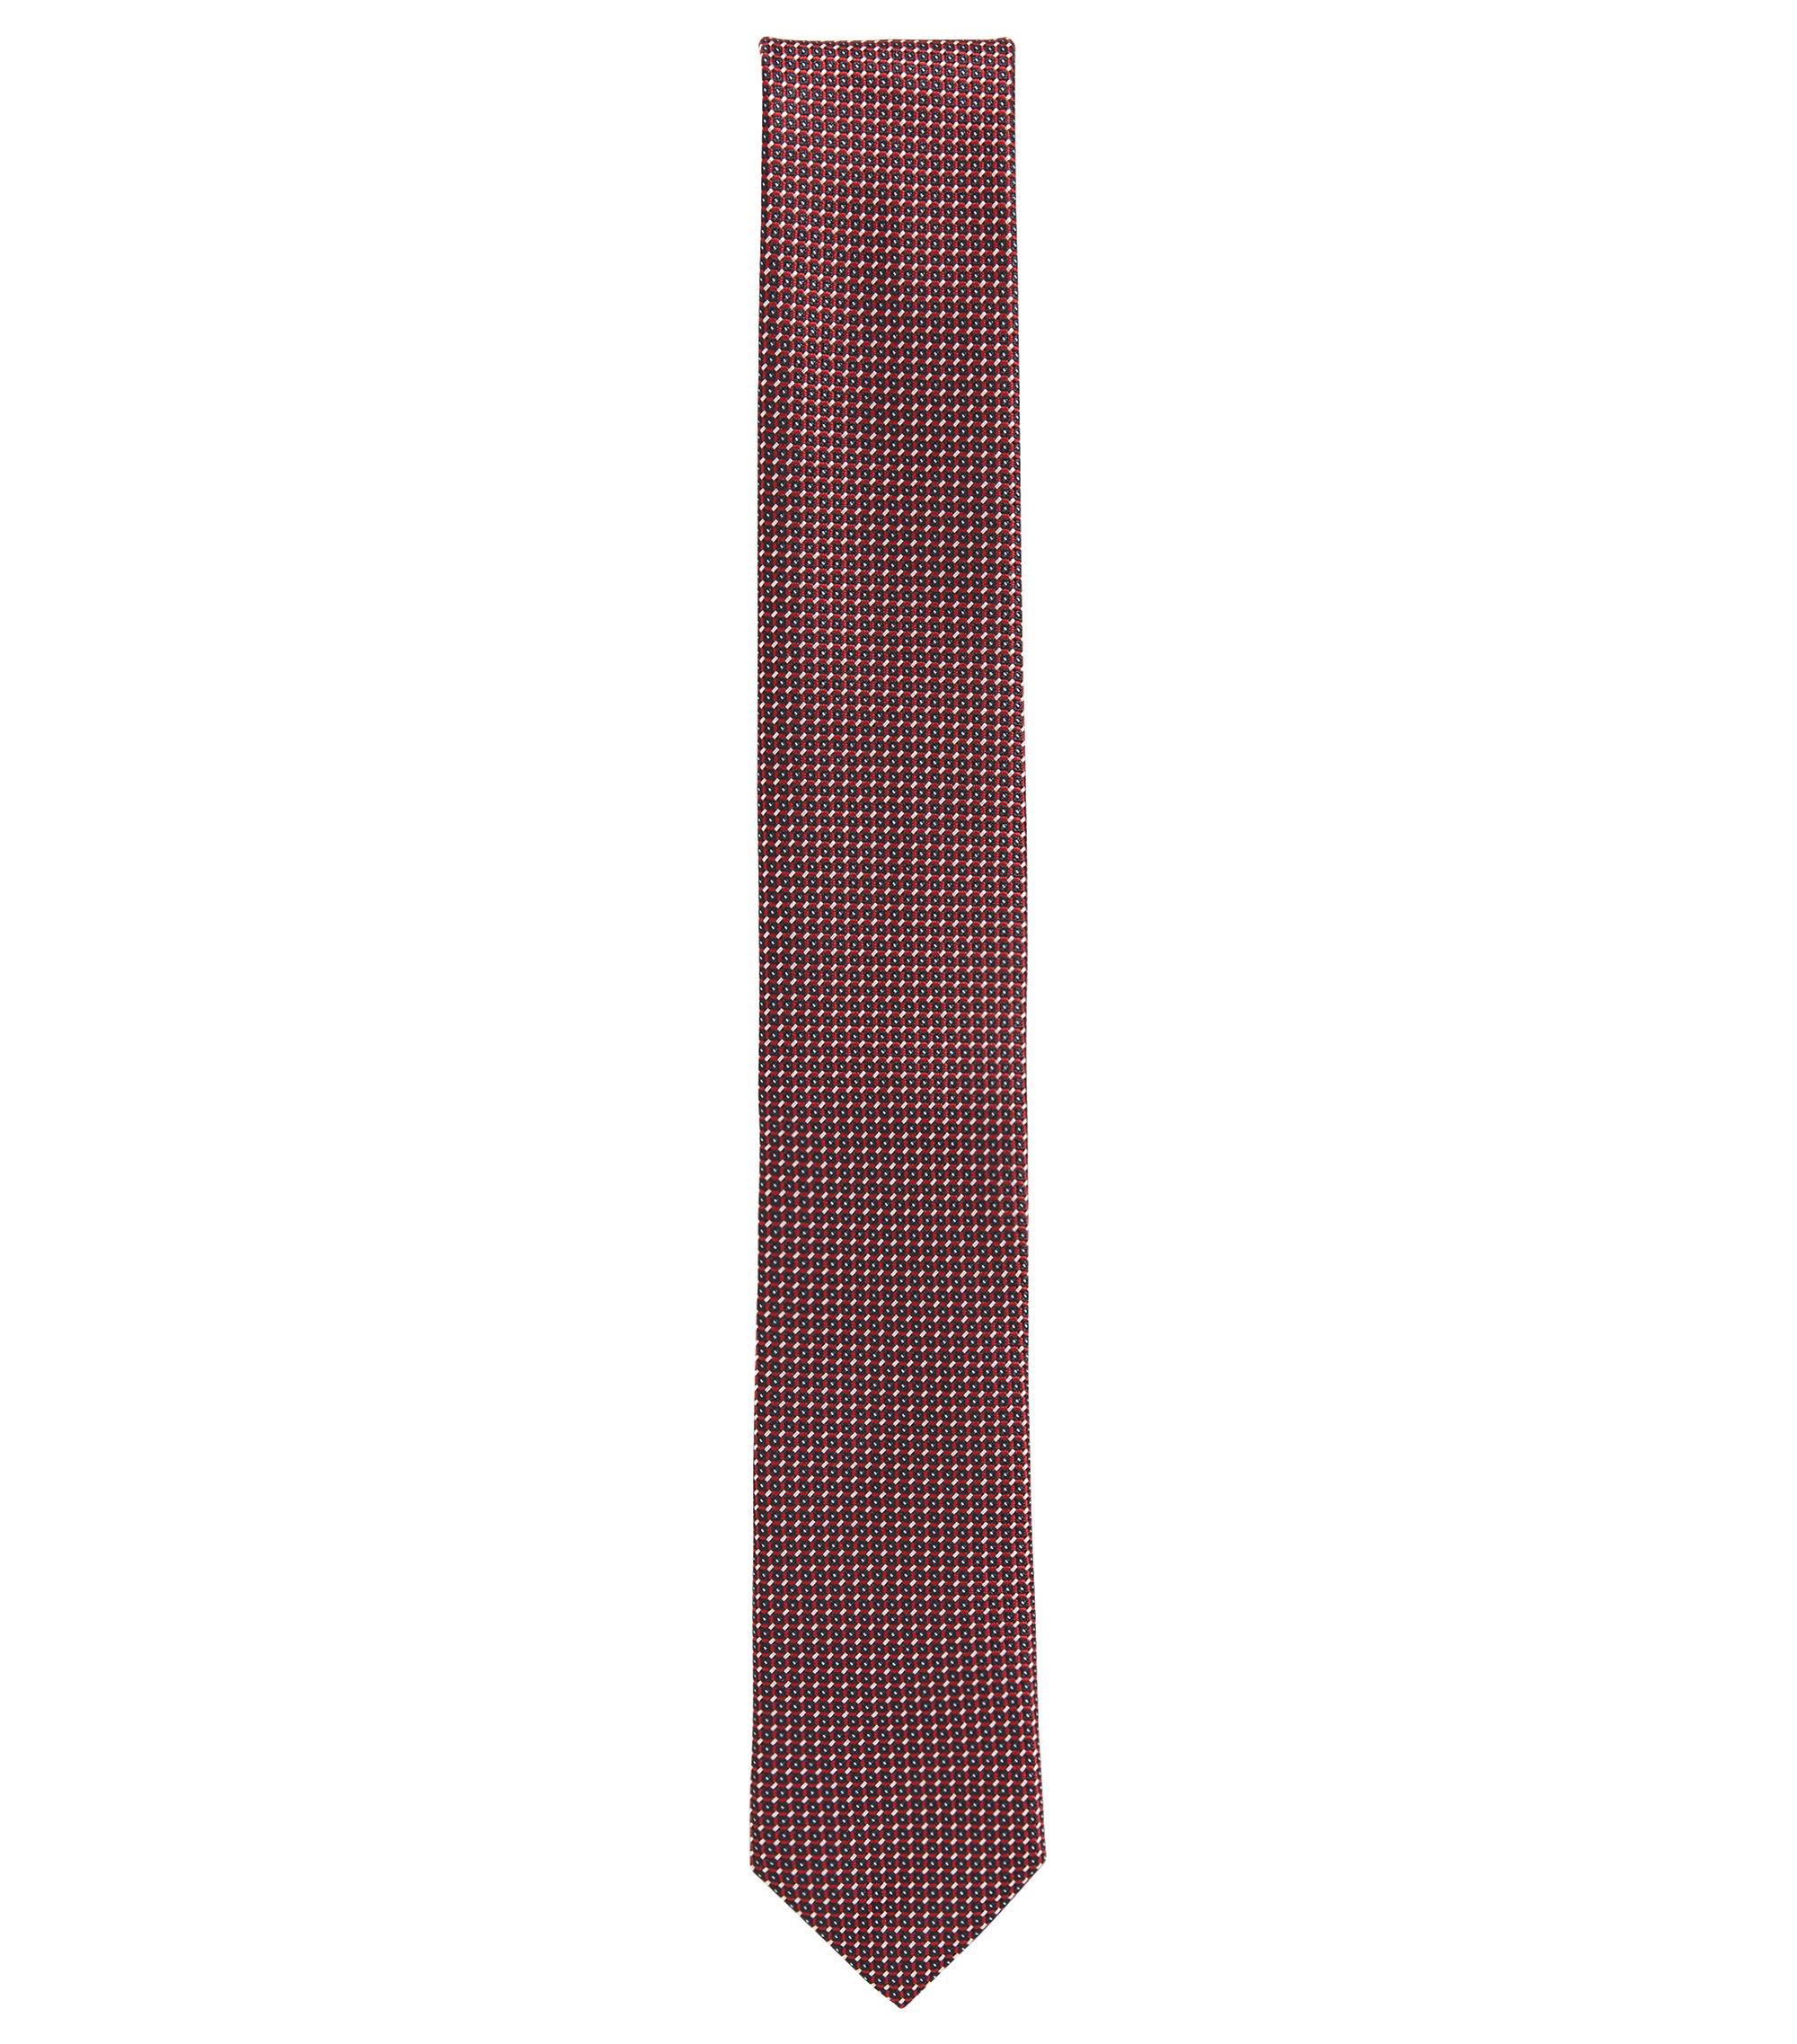 Cravatta in seta jacquard realizzata in Italia, Rosa scuro